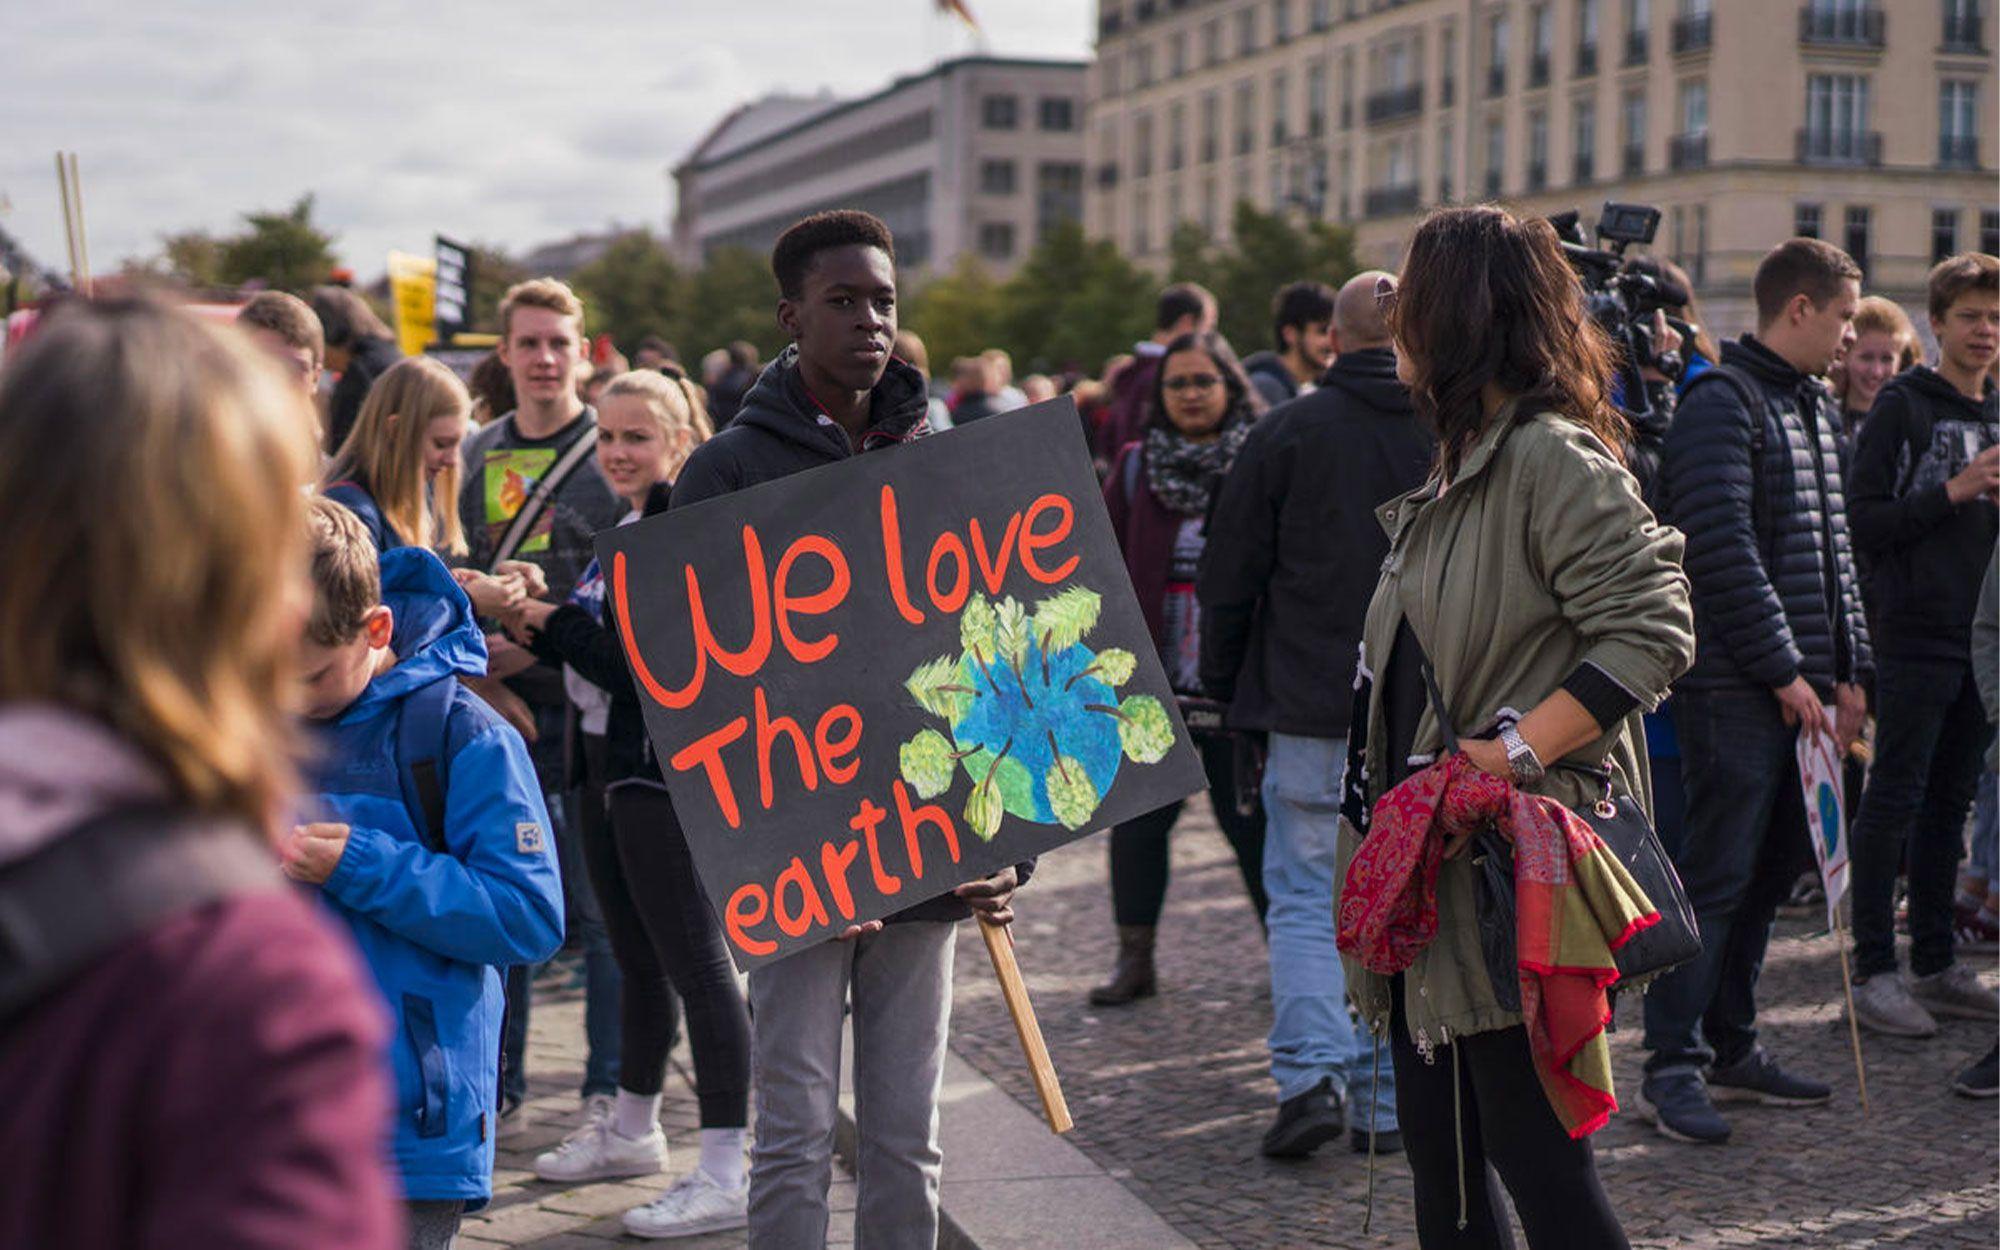 Global Climate Strike - We love the Earth